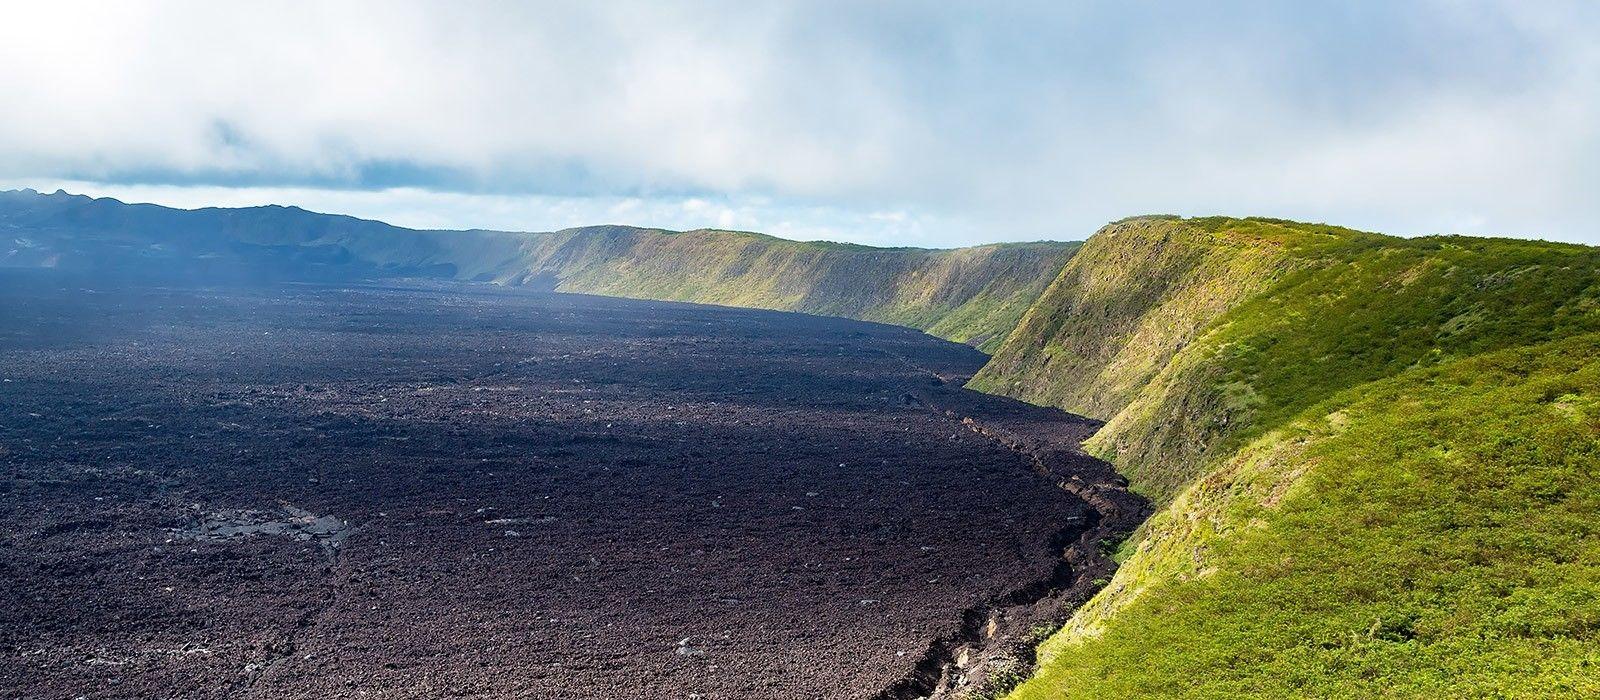 Der Sierra Negra Vulkan auf der ecuadorianischen Isla Isabela